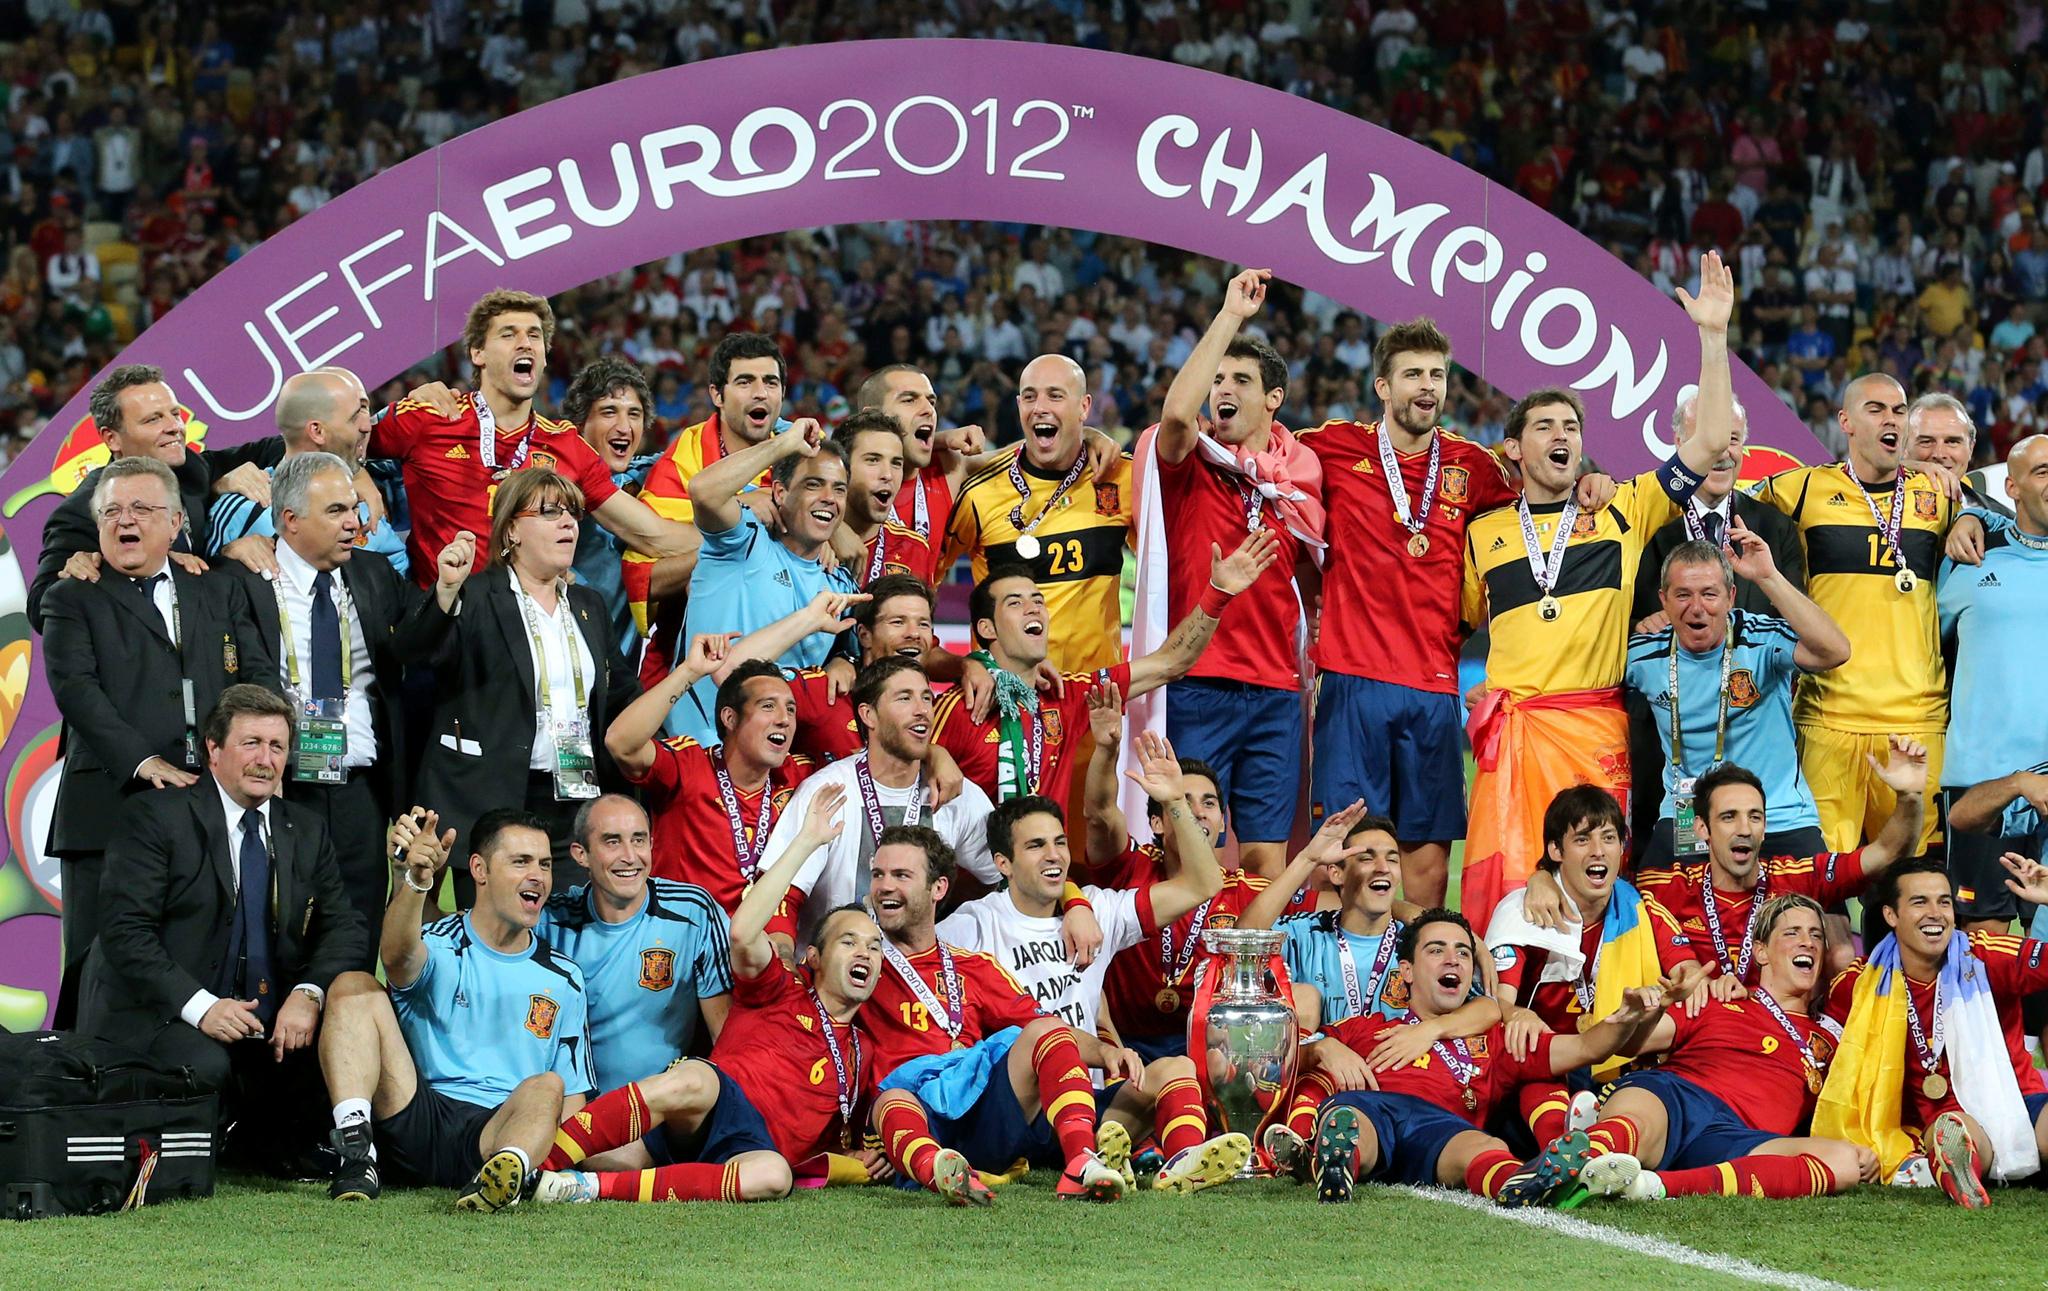 España buscará su cuarta Eurocopa en Francia para convertirse en el rey de copas continental.